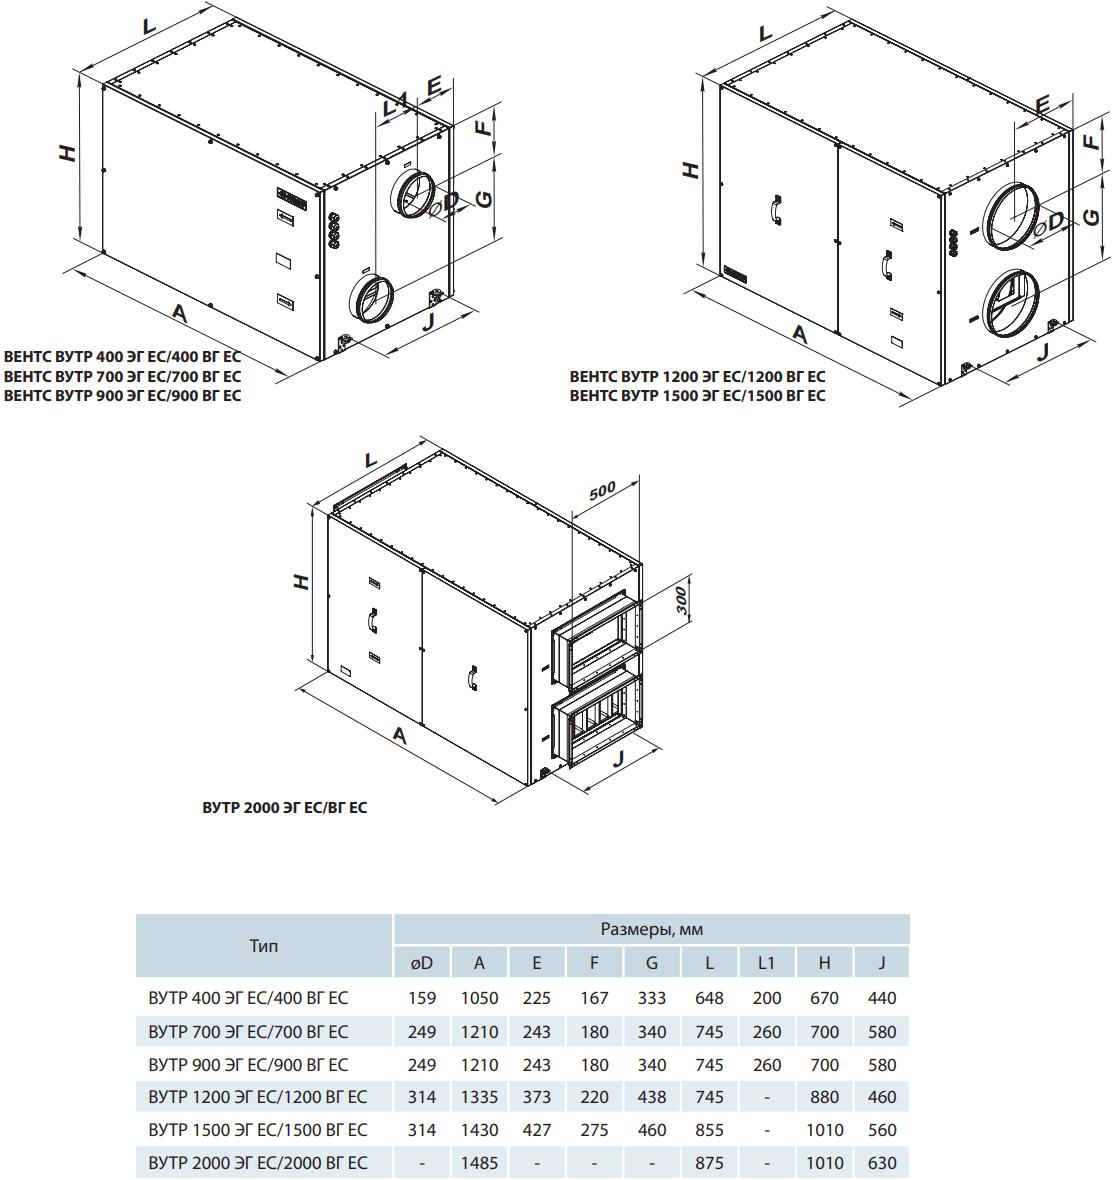 Приточно-вытяжная установка Вентс ВУТР ЭГ/ВГ ЕС - Размеры